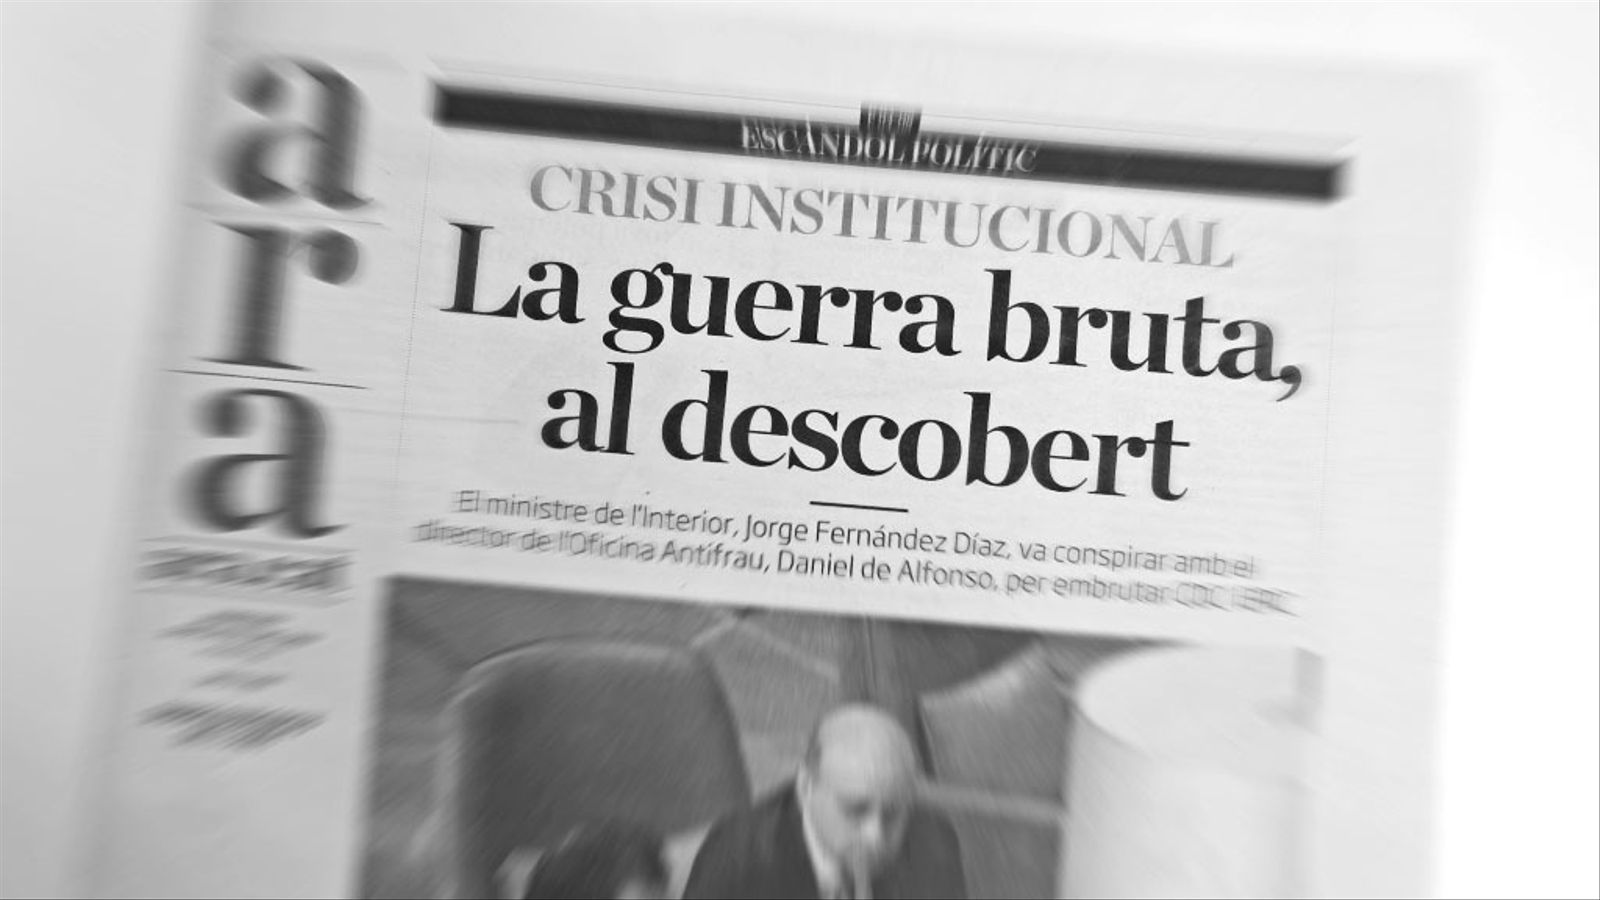 """L'anàlisi d'Antoni Bassas: 'Fernández Díaz: """"El presidente del gobierno lo sabe""""'"""